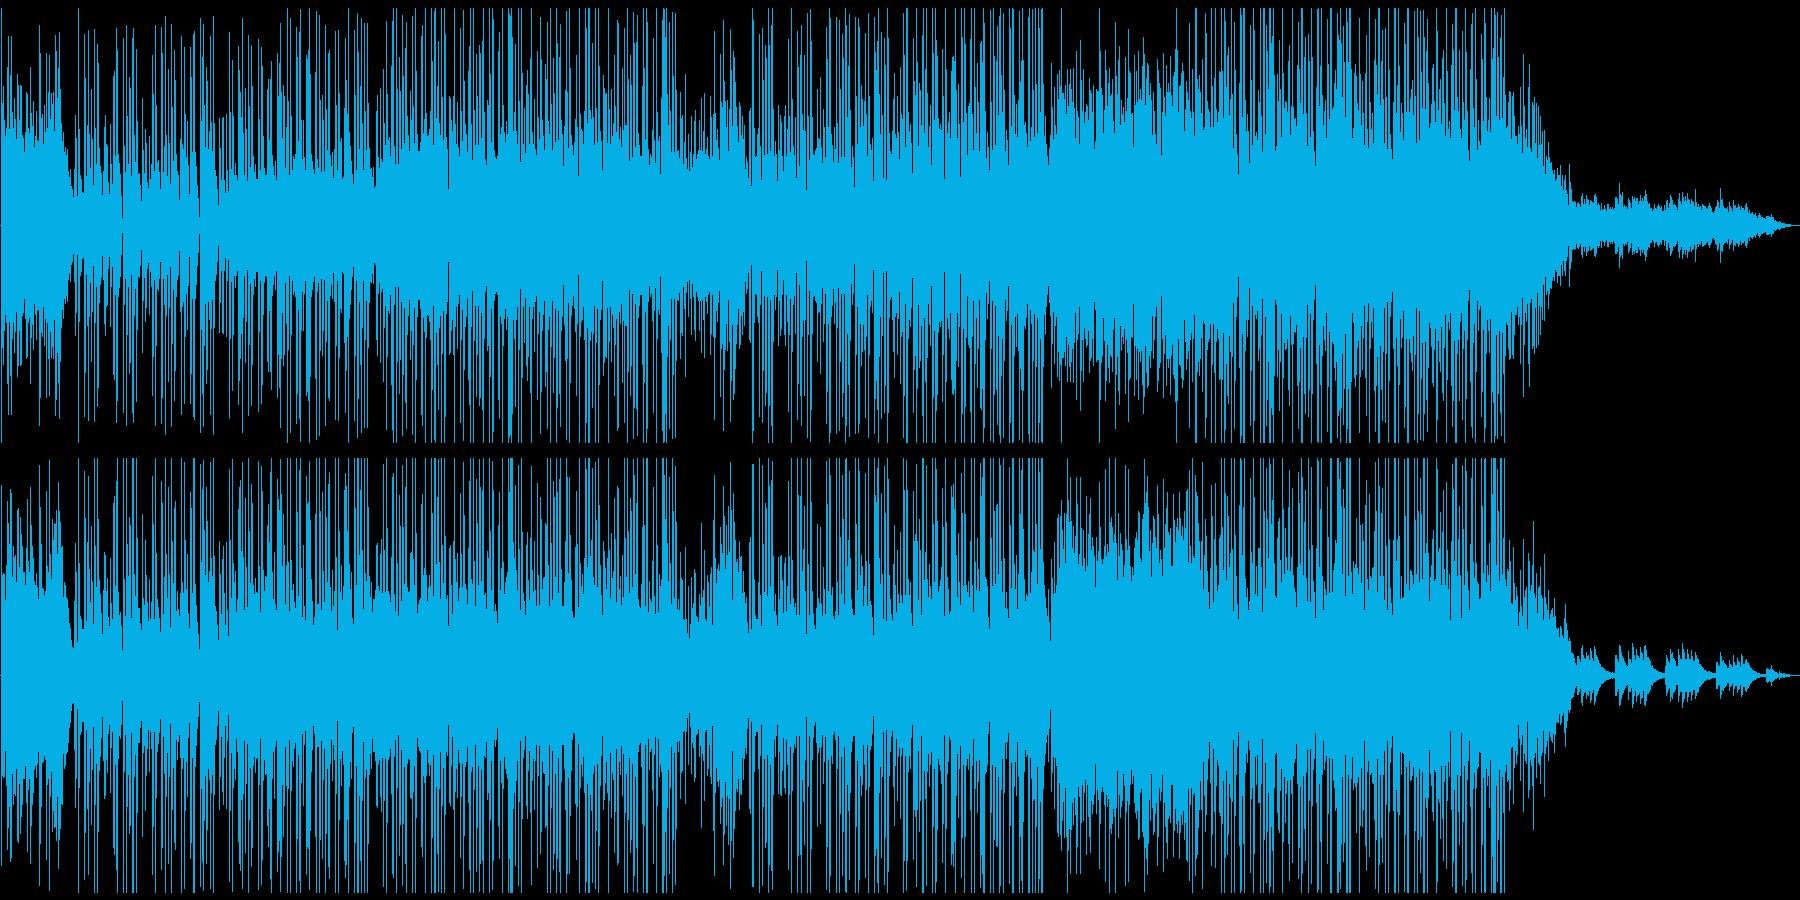 優しく穏やかな雰囲気の3拍子の曲の再生済みの波形